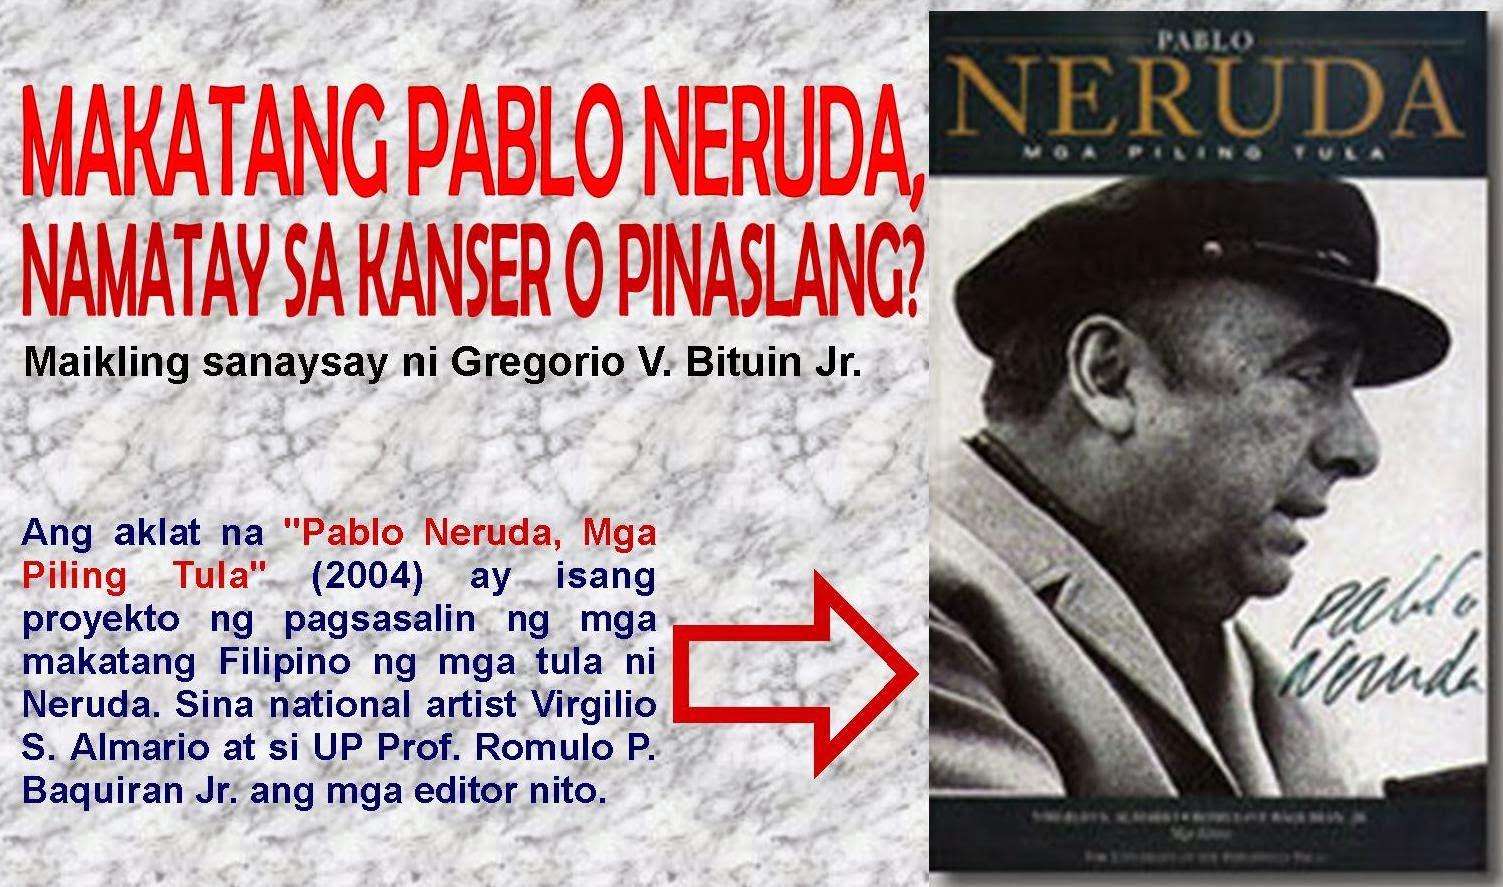 Tupang Pula Makatang Pablo Neruda Namatay Sa Kanser O